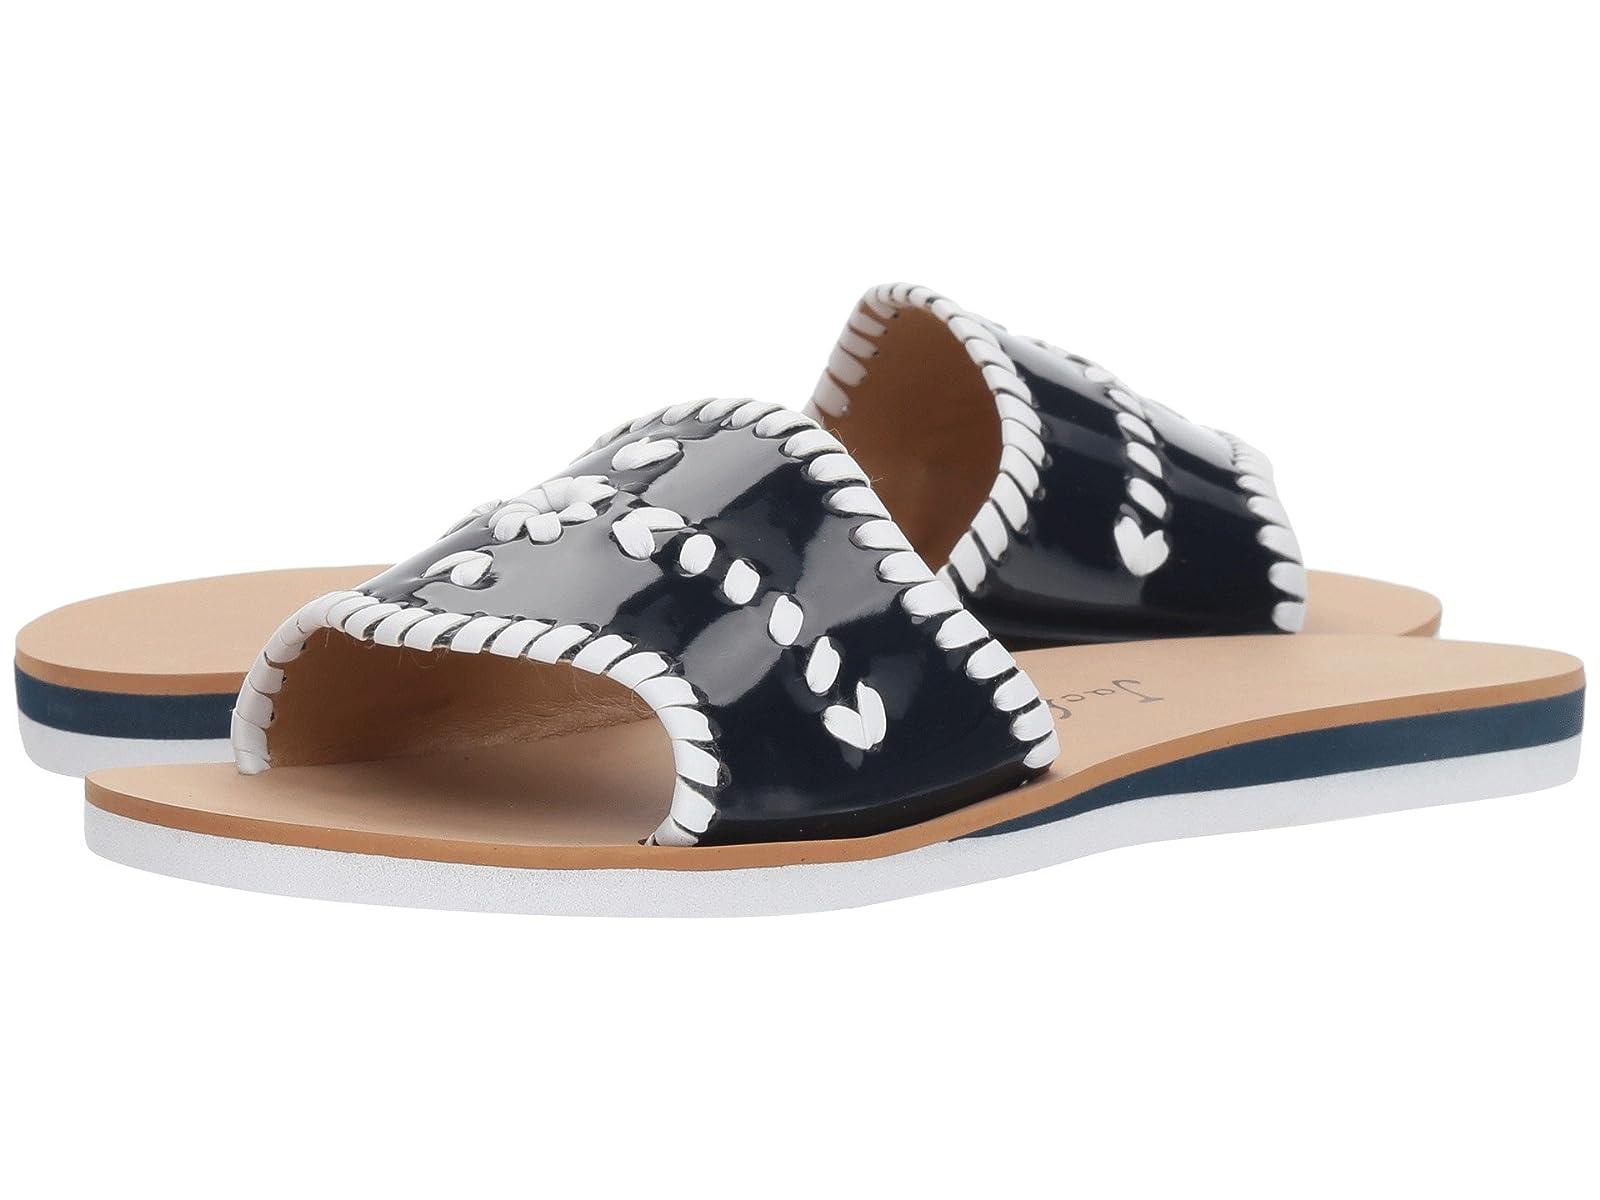 Jack Rogers SanibelAtmospheric grades have affordable shoes